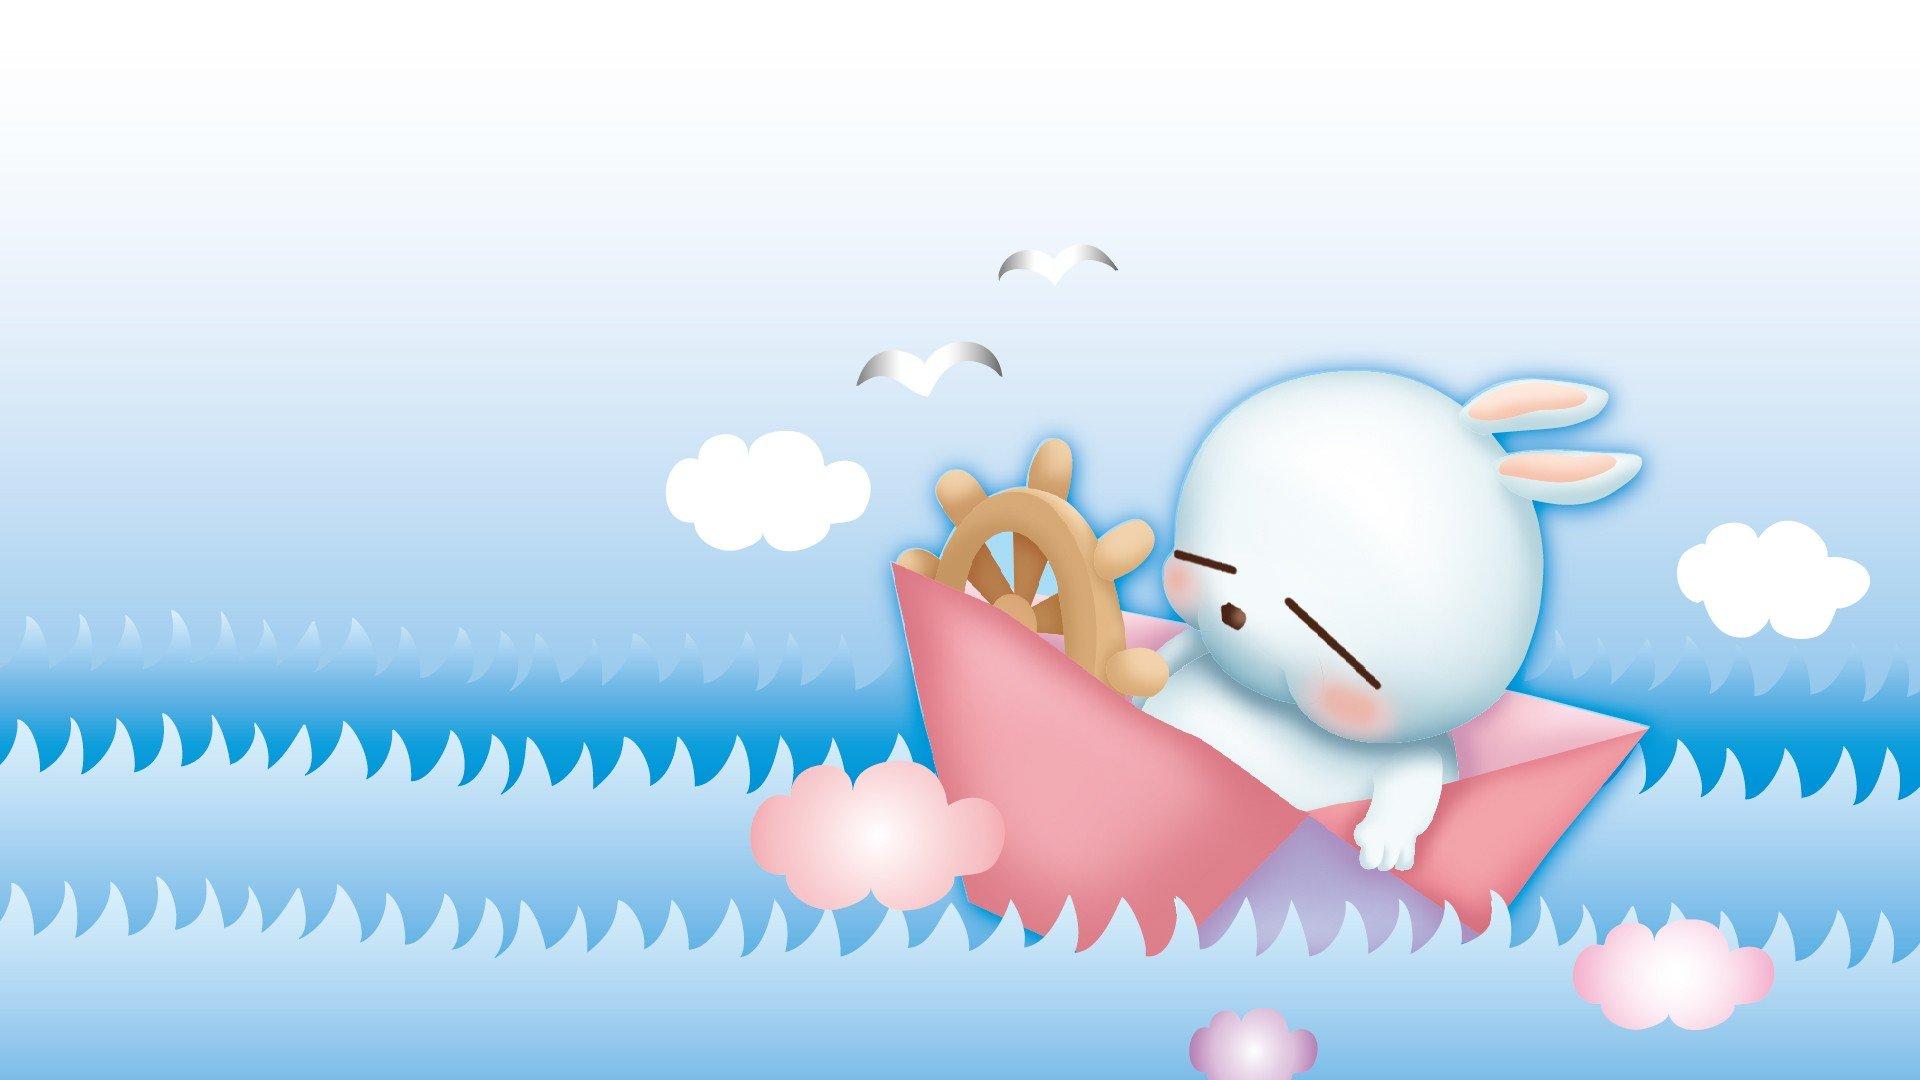 android安卓动漫 卡通 可爱 流氓兔高清手机壁纸免费